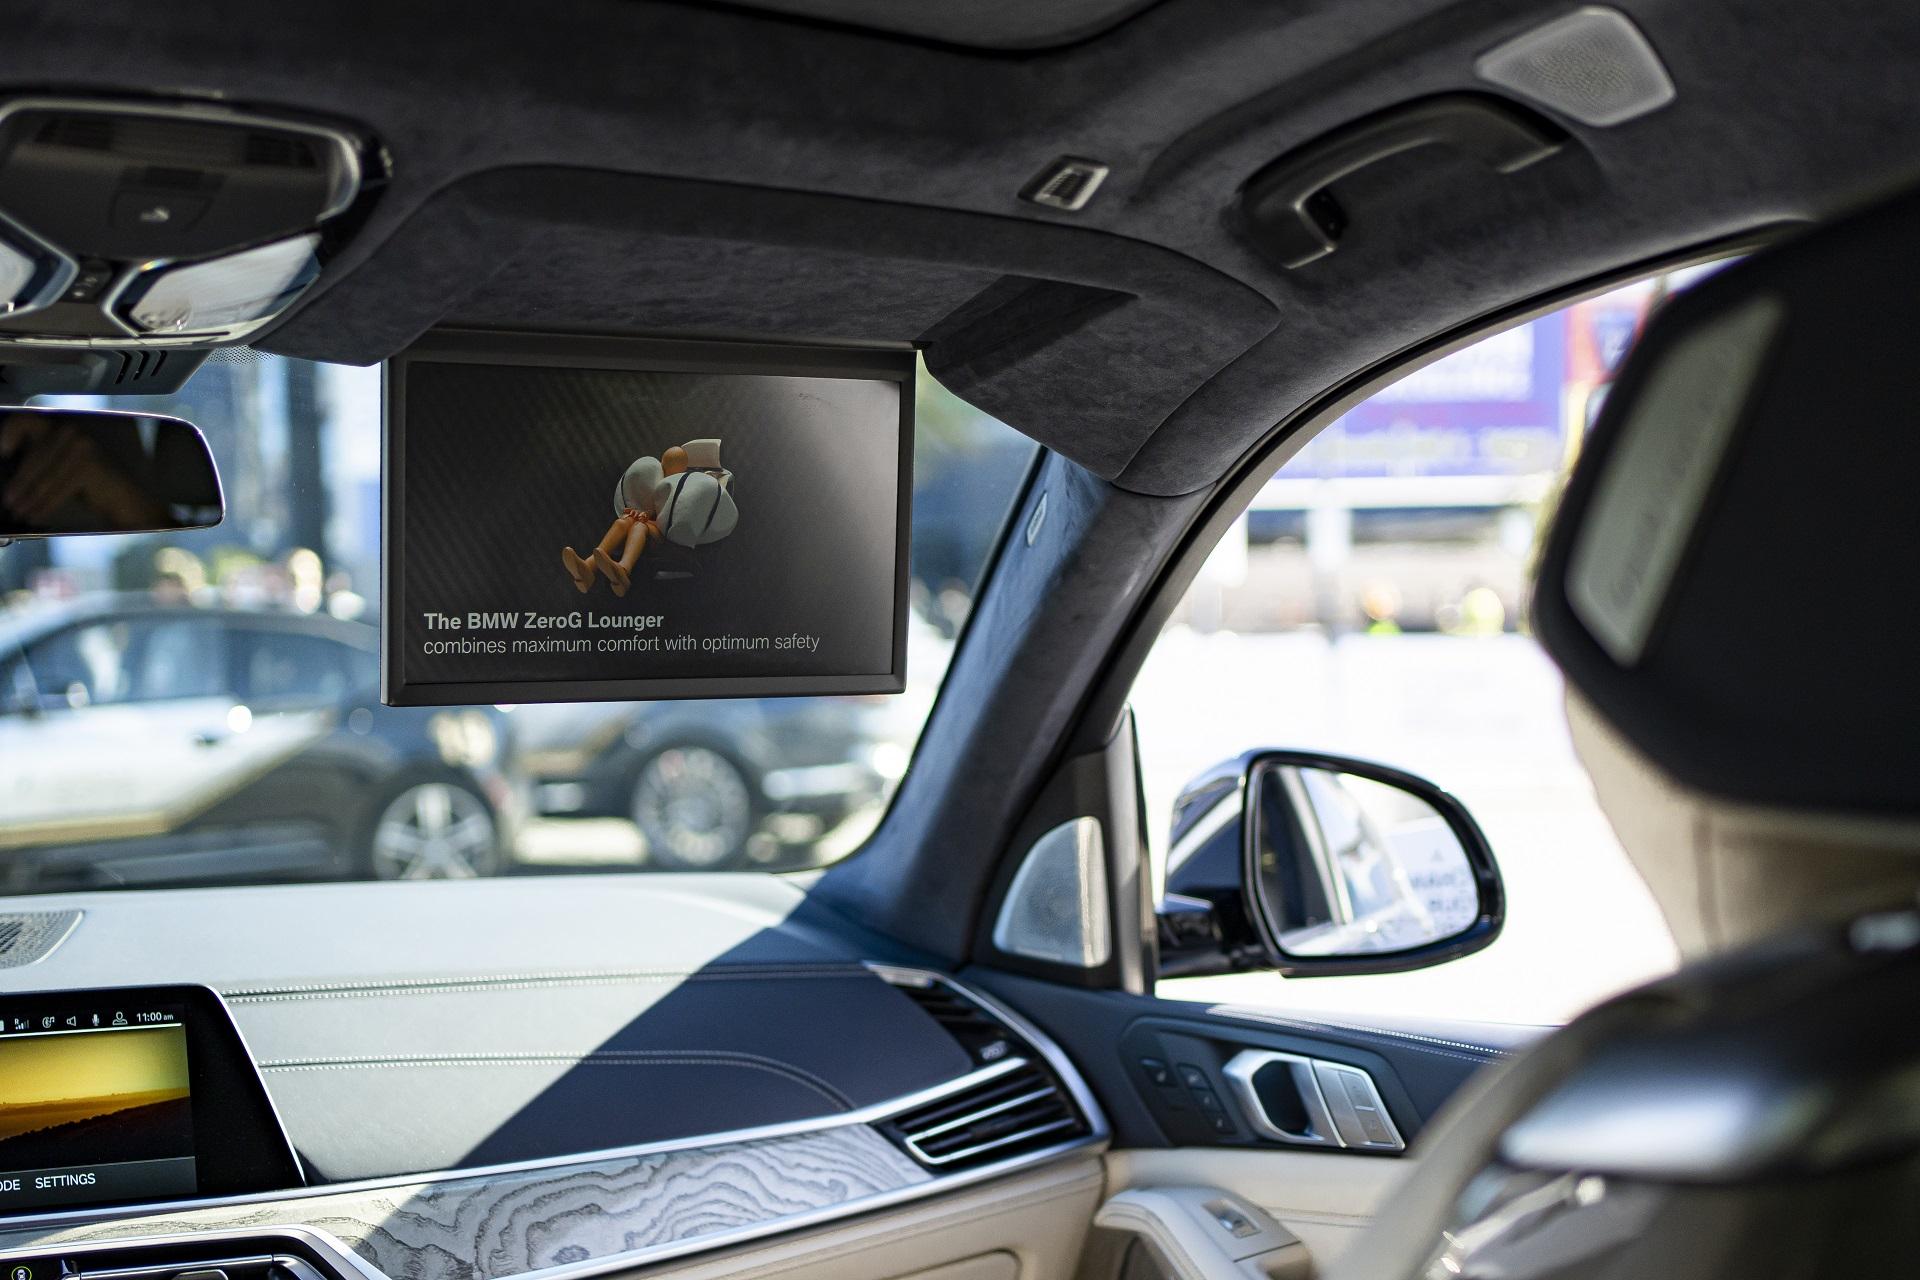 BMW ZeroG Lounger tanıtıldı! Sınırları zorlayan koltuk - ShiftDelete.Net